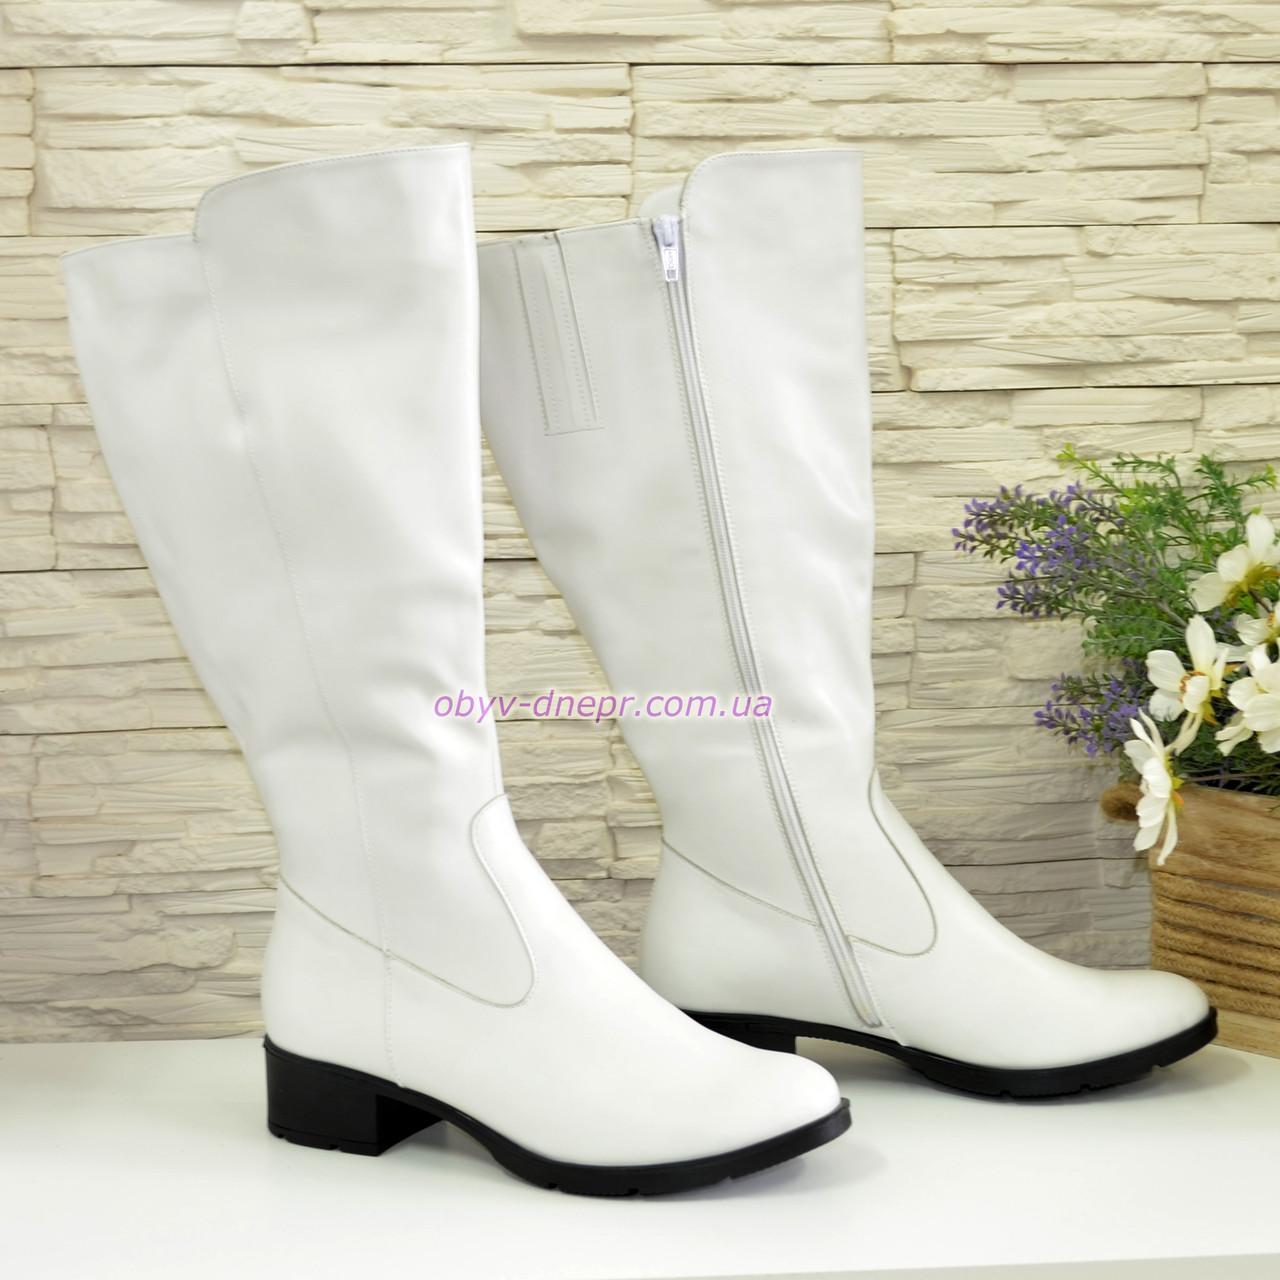 Сапоги женские кожаные на невысоком каблуке, цвет белый. Батал!